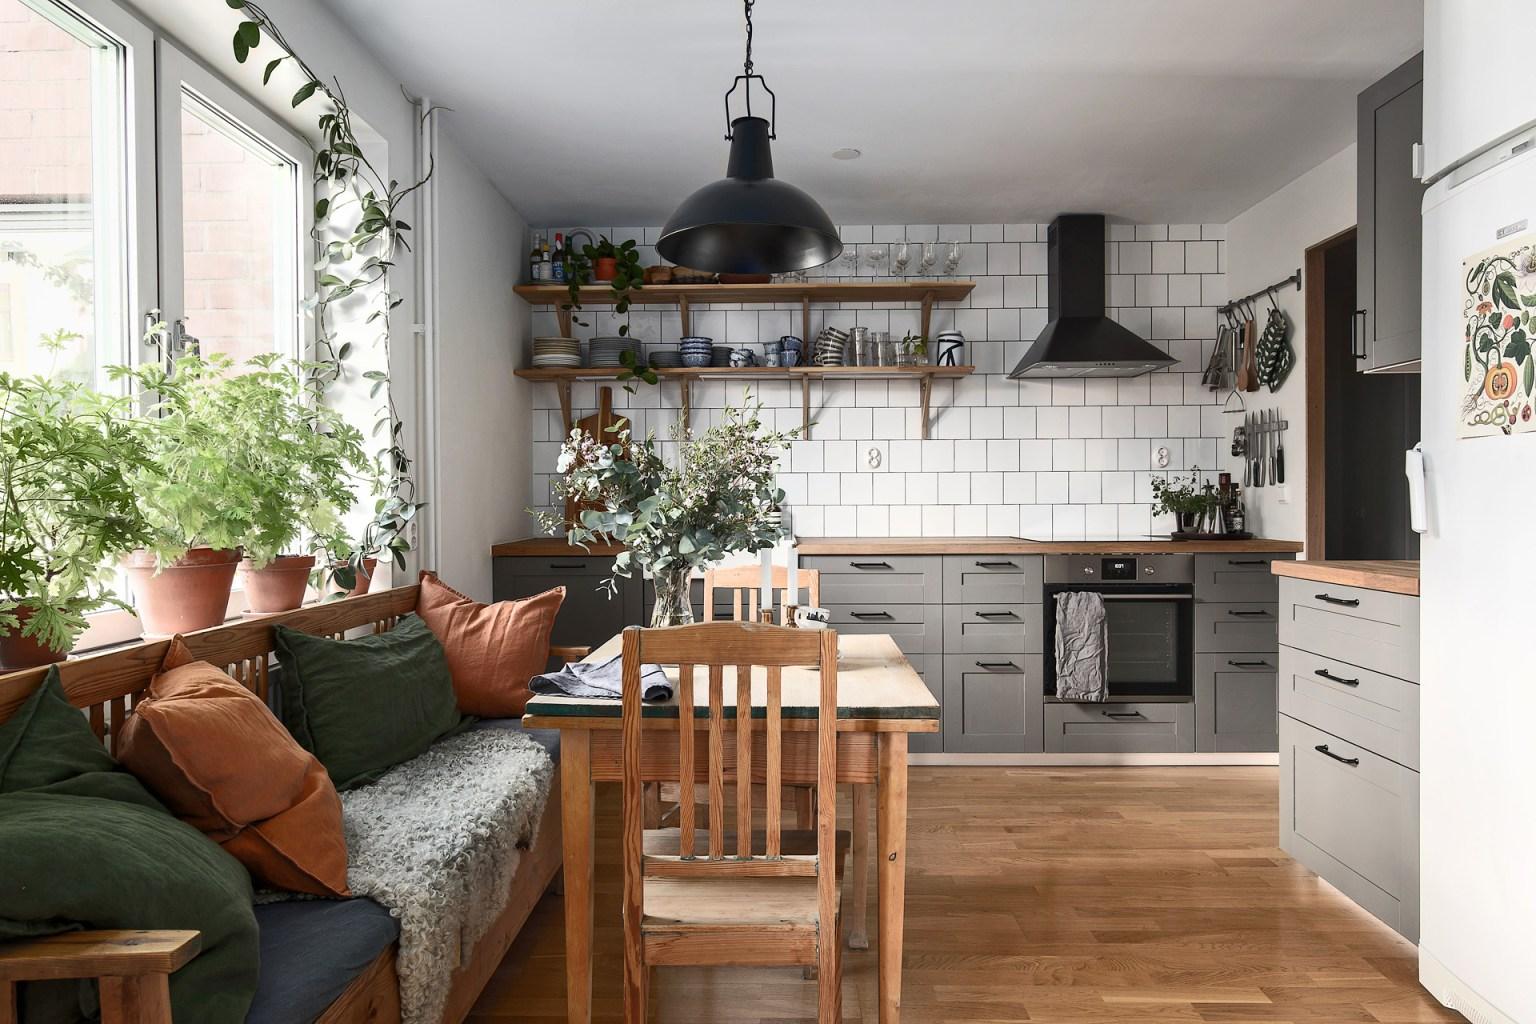 INSPIRING HOMES: UNA CASA EN TONOS OTOÑALES